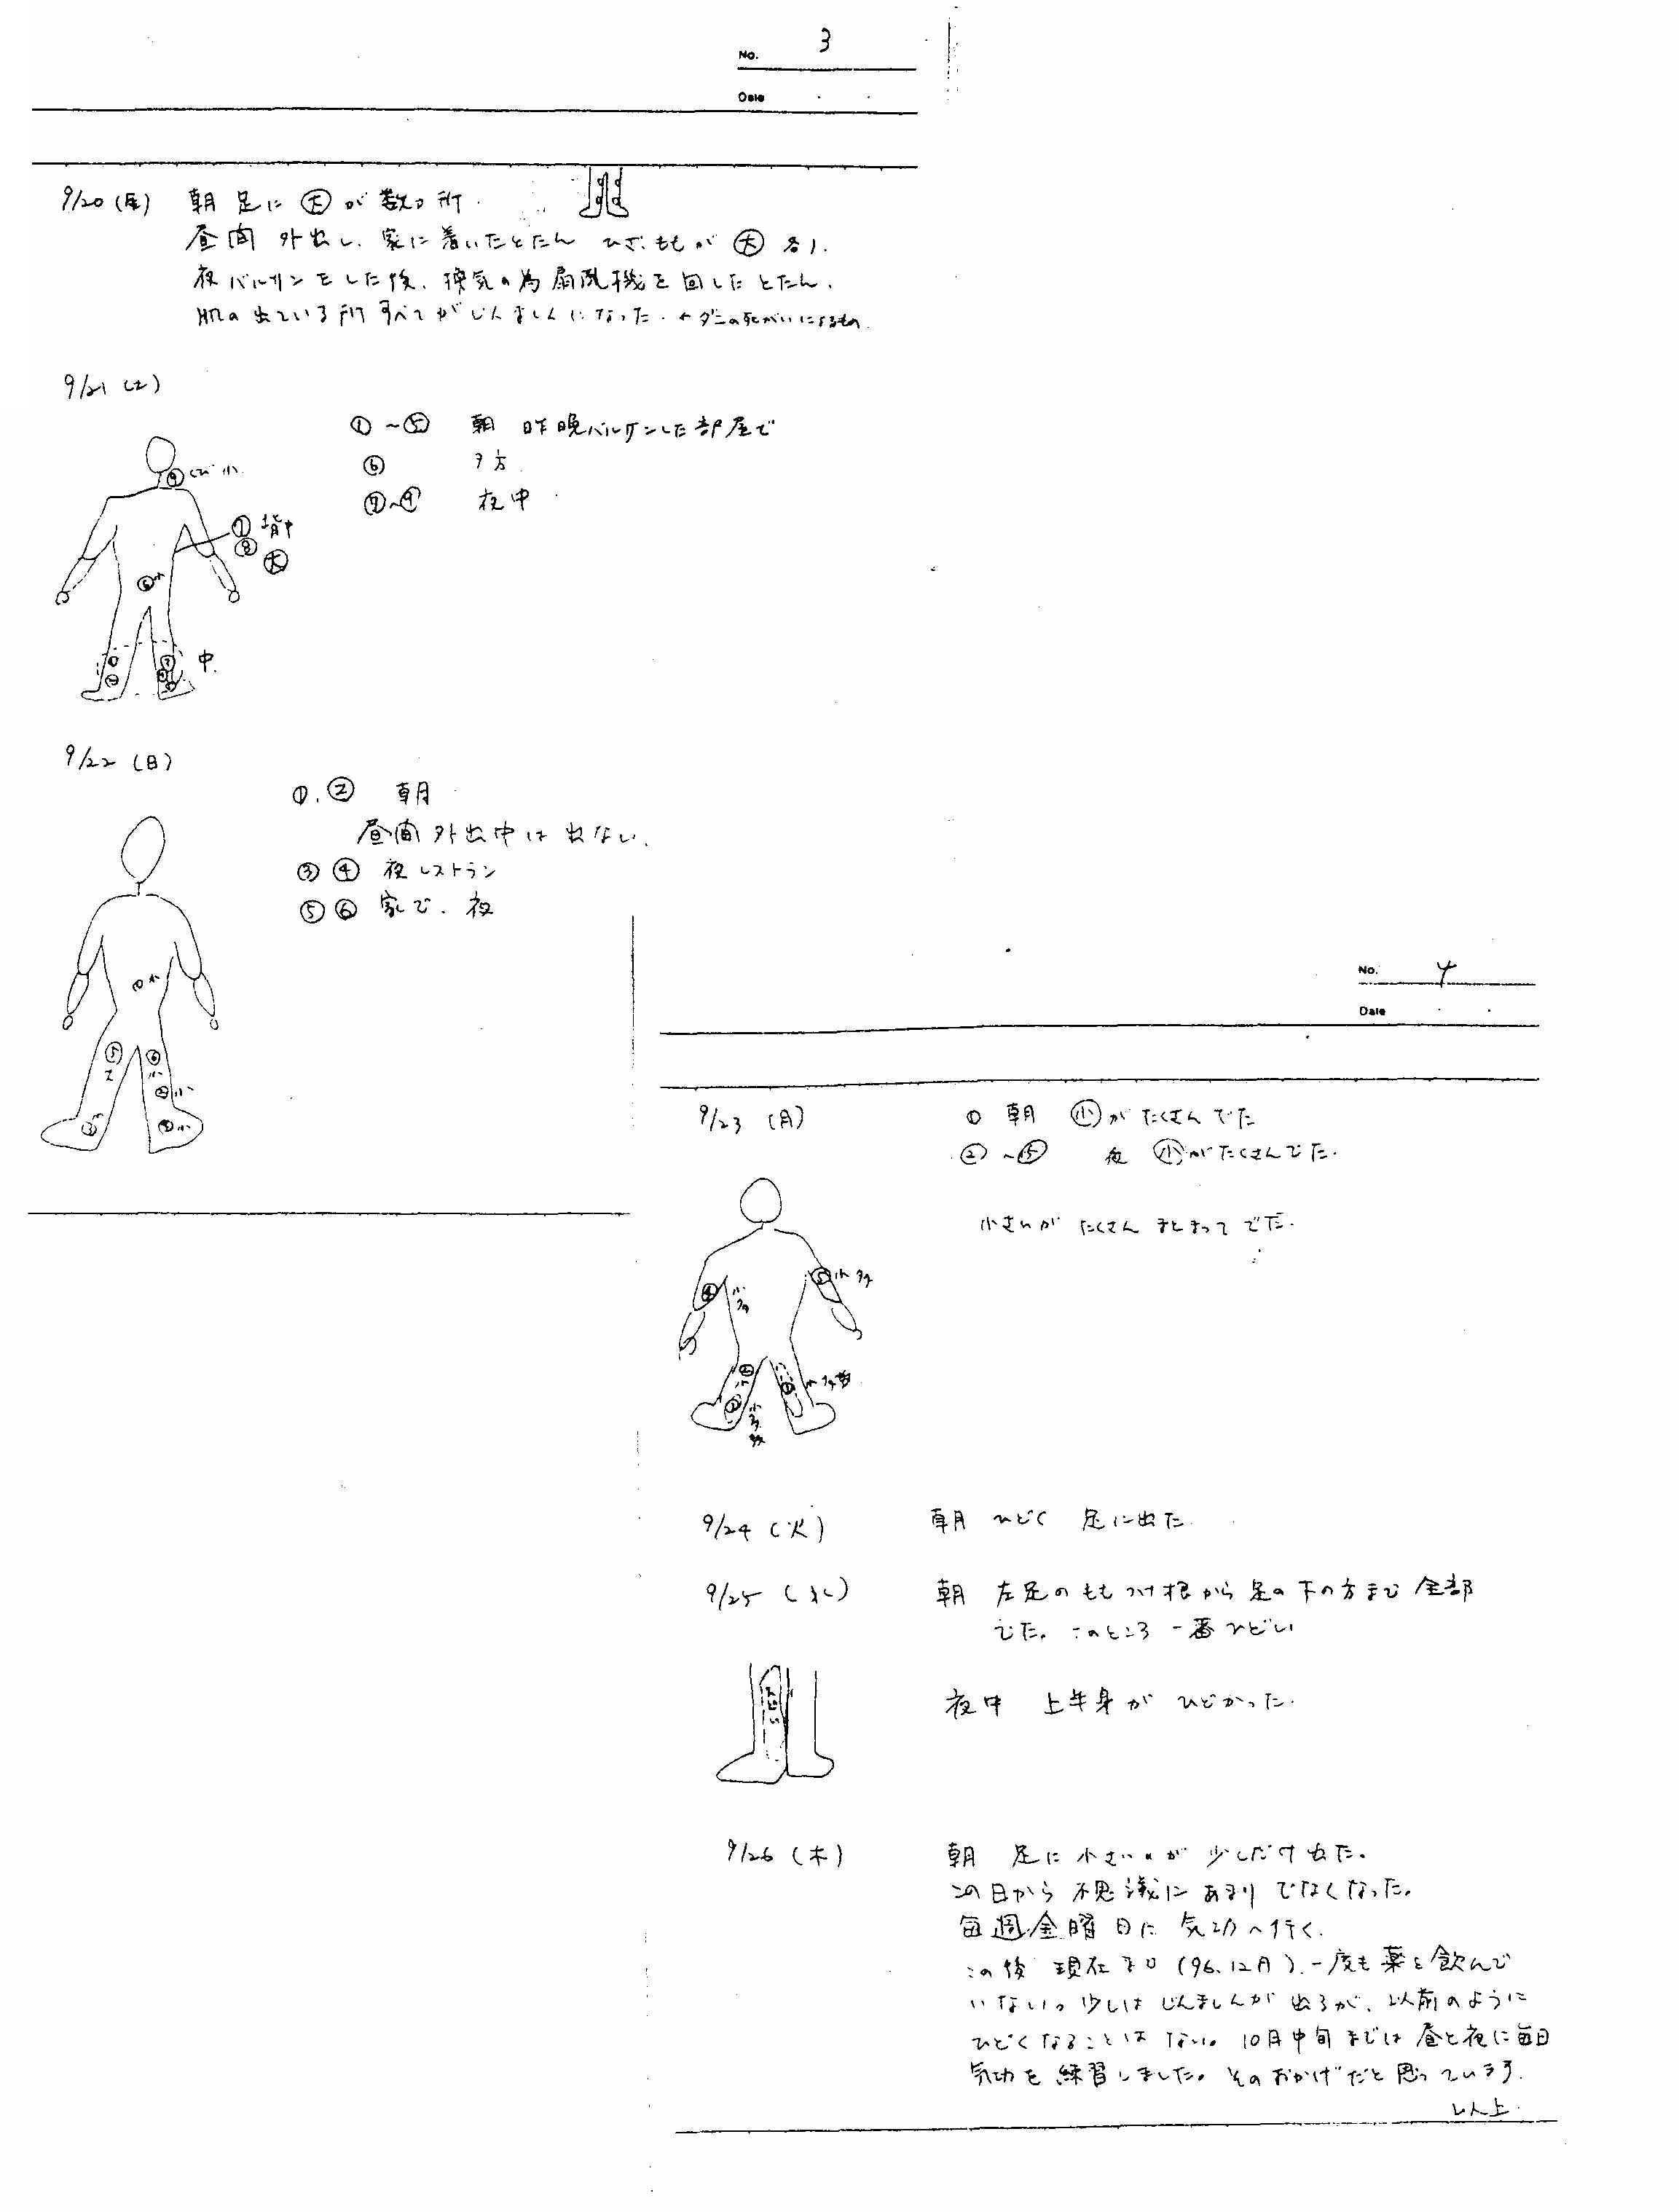 大明気功会 会報『人体科学研究』蕁麻疹(じんましん)改善の記録